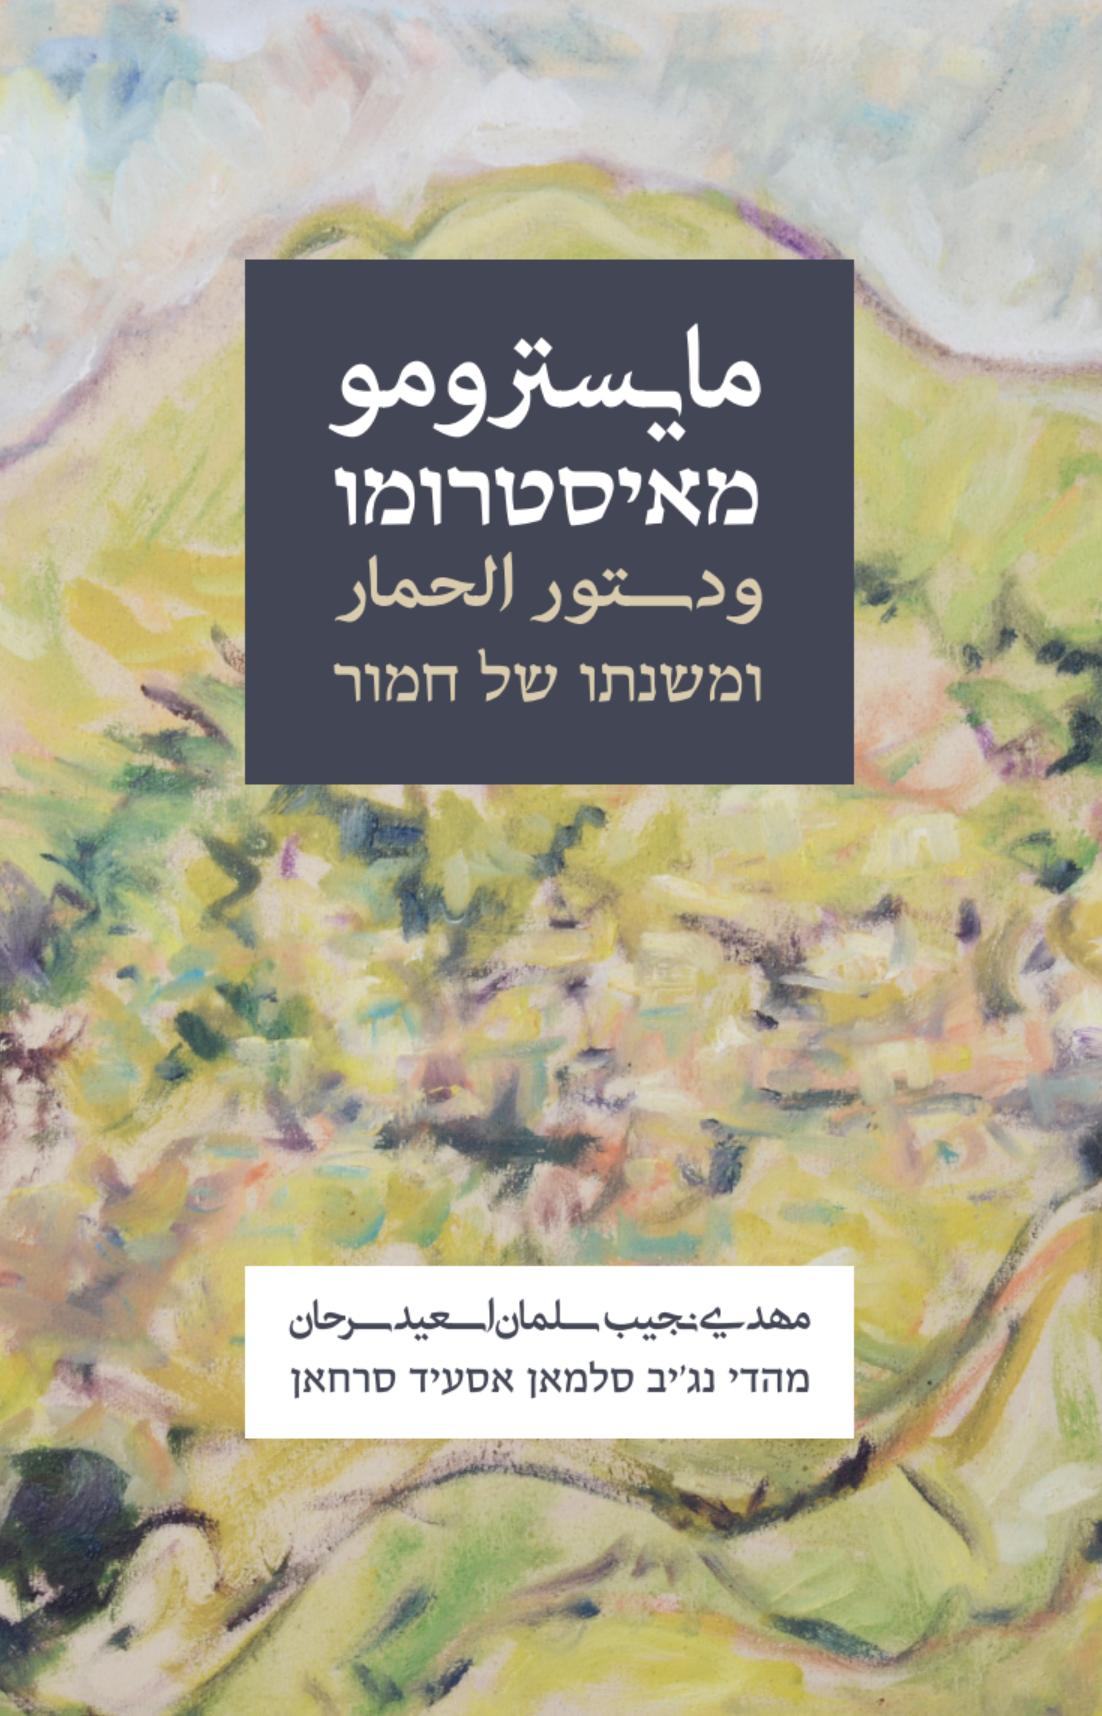 מאיסטרומו ומשנתו של חמור / מהדי סרחאן -  ראה אור בהוצאת הספרים של סטימצקי